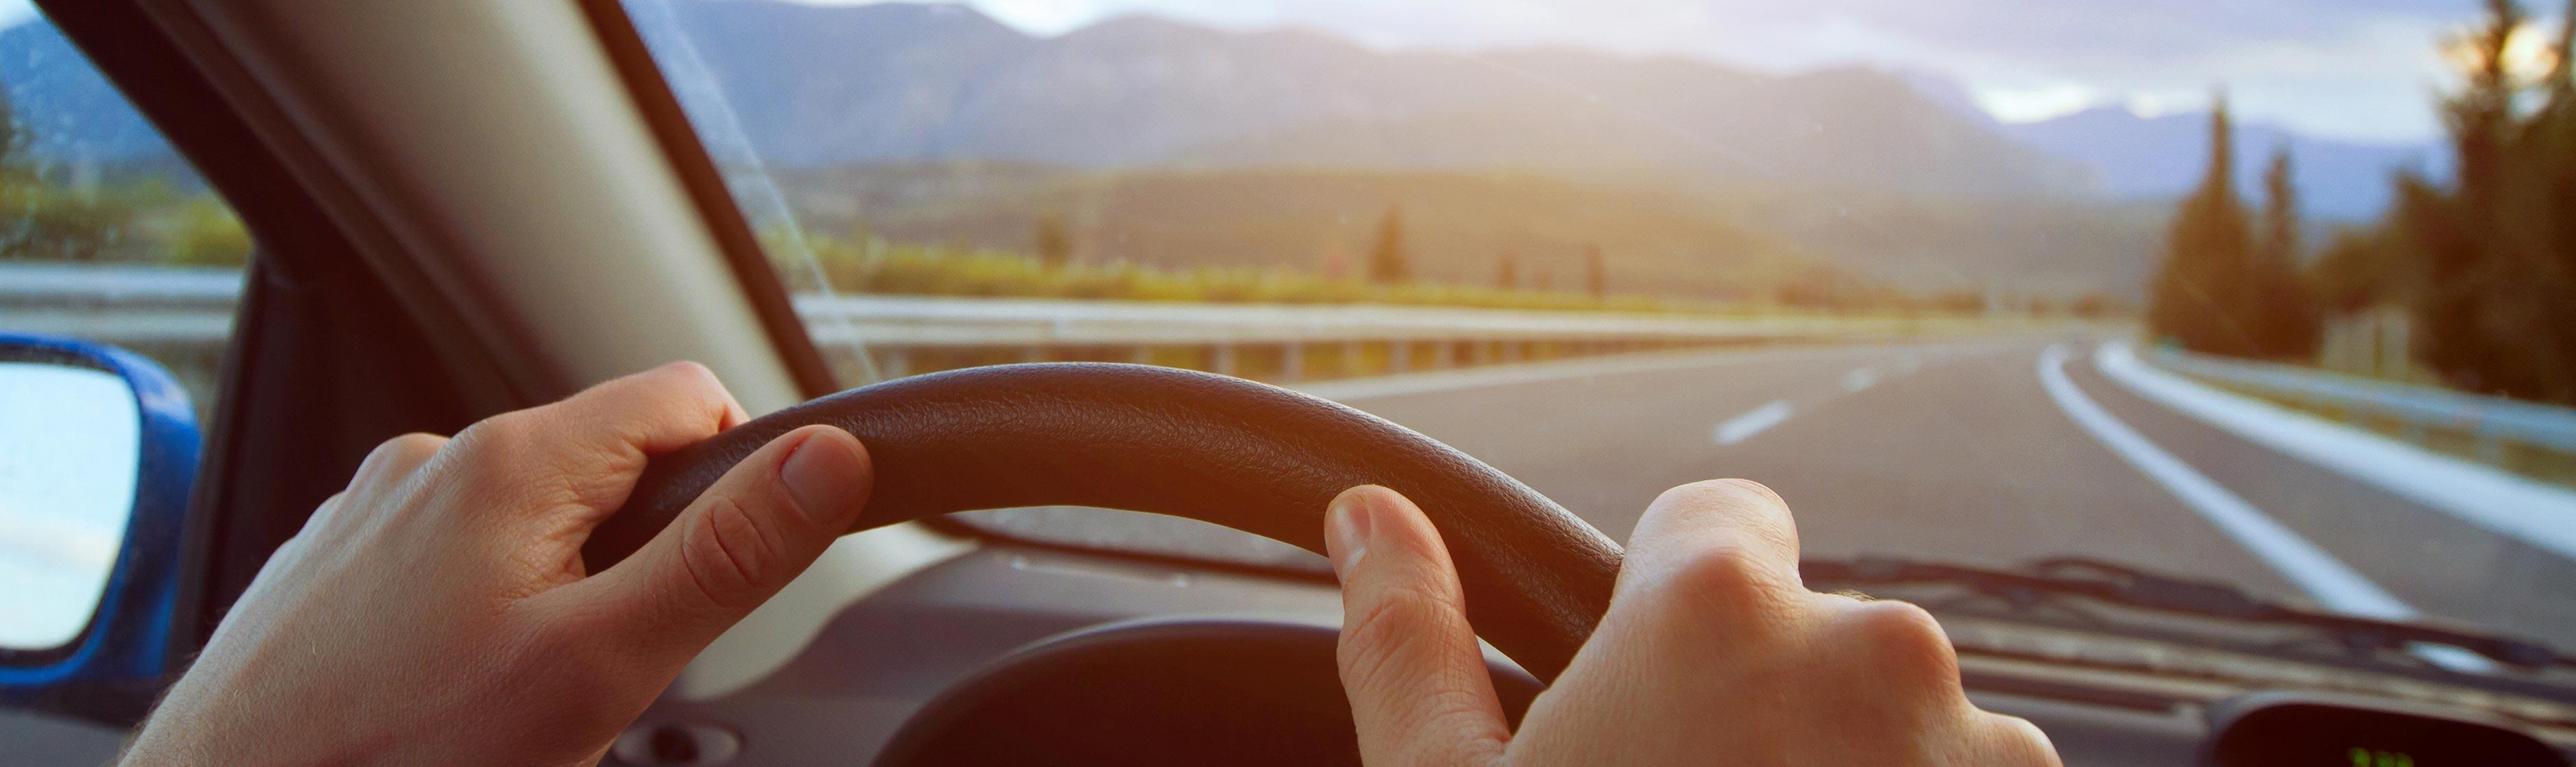 Handen aan het stuur auto